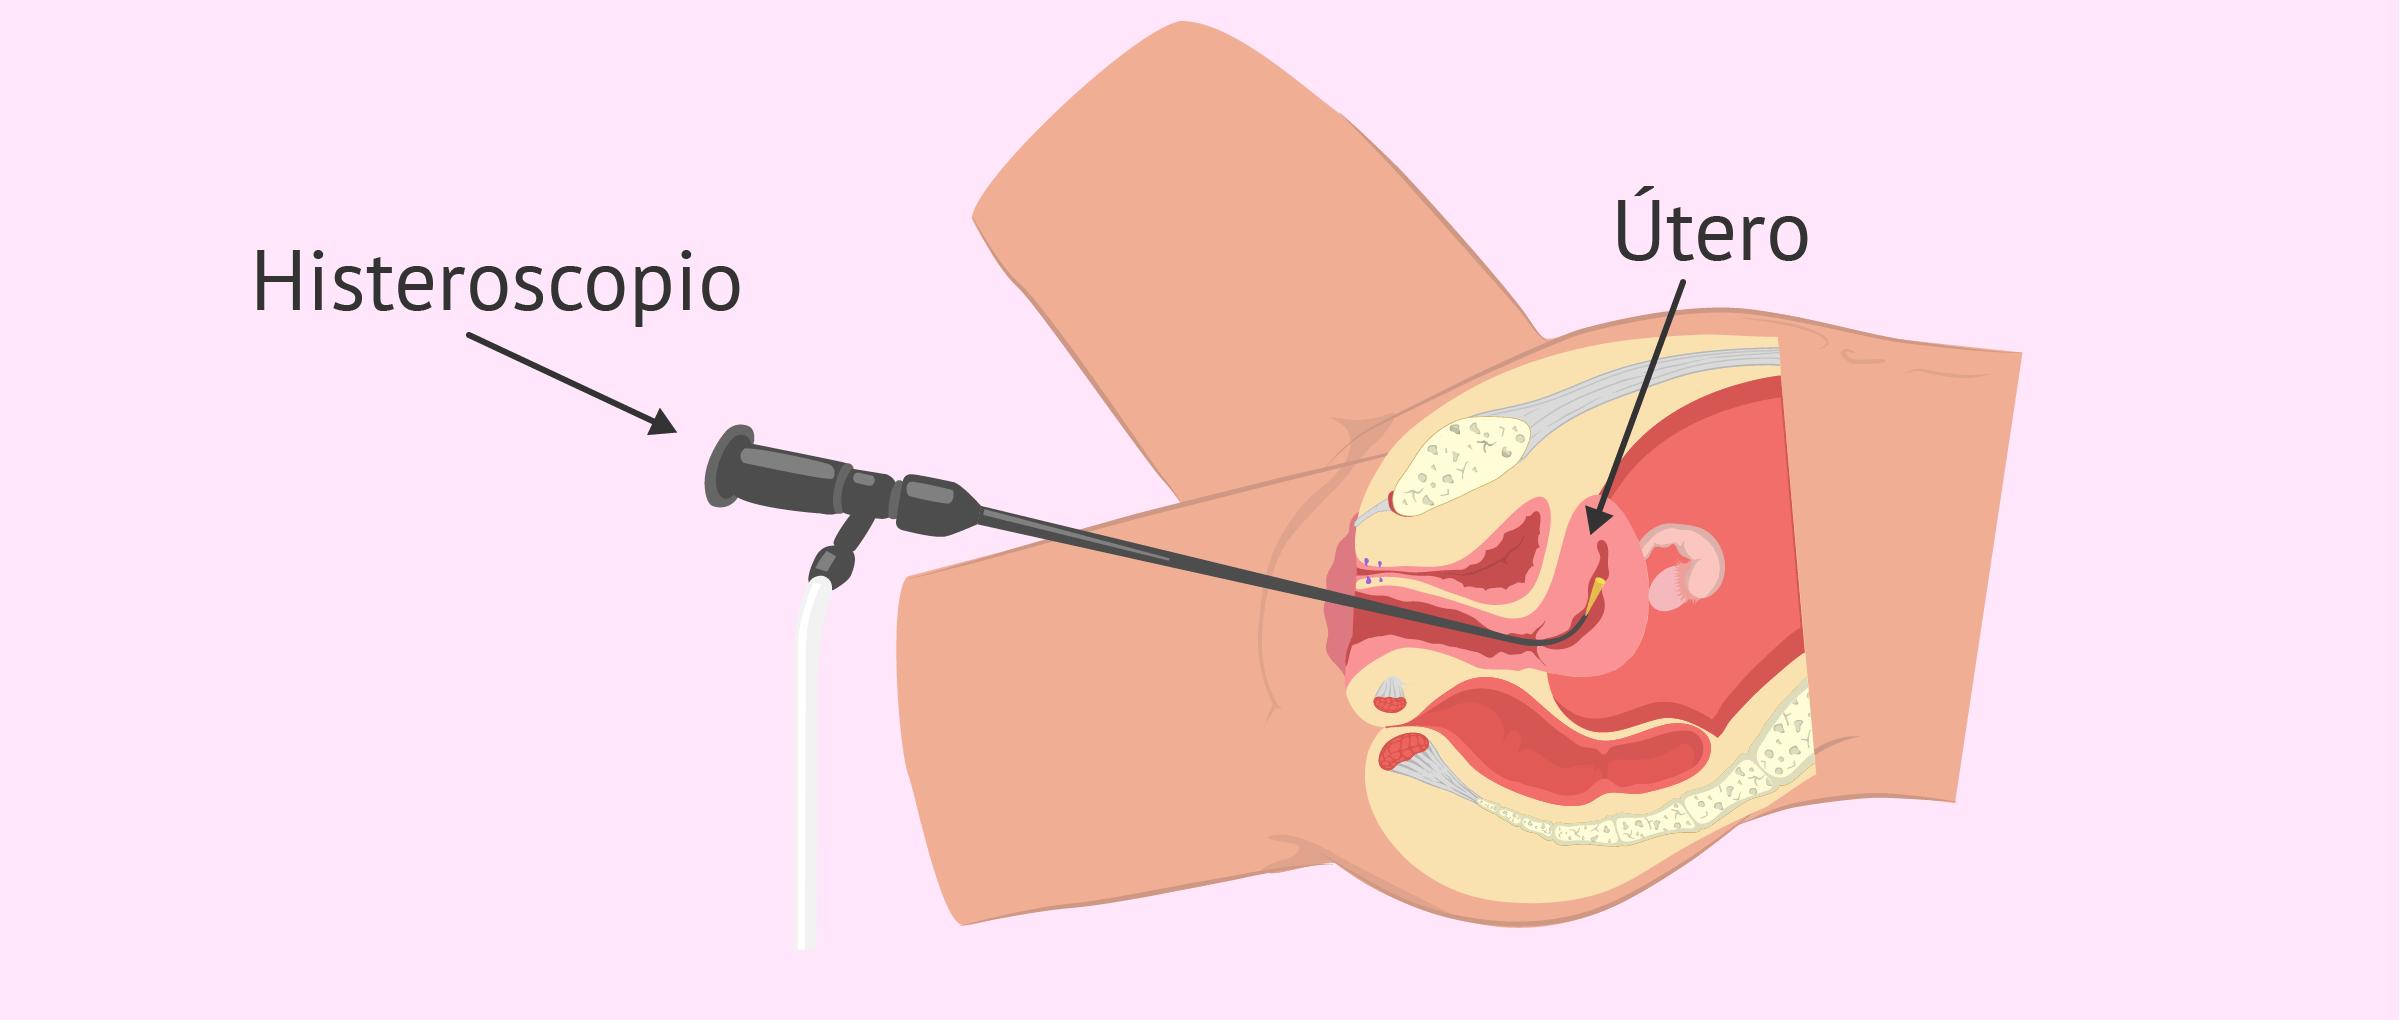 ¿Cómo se hace una histeroscopia?